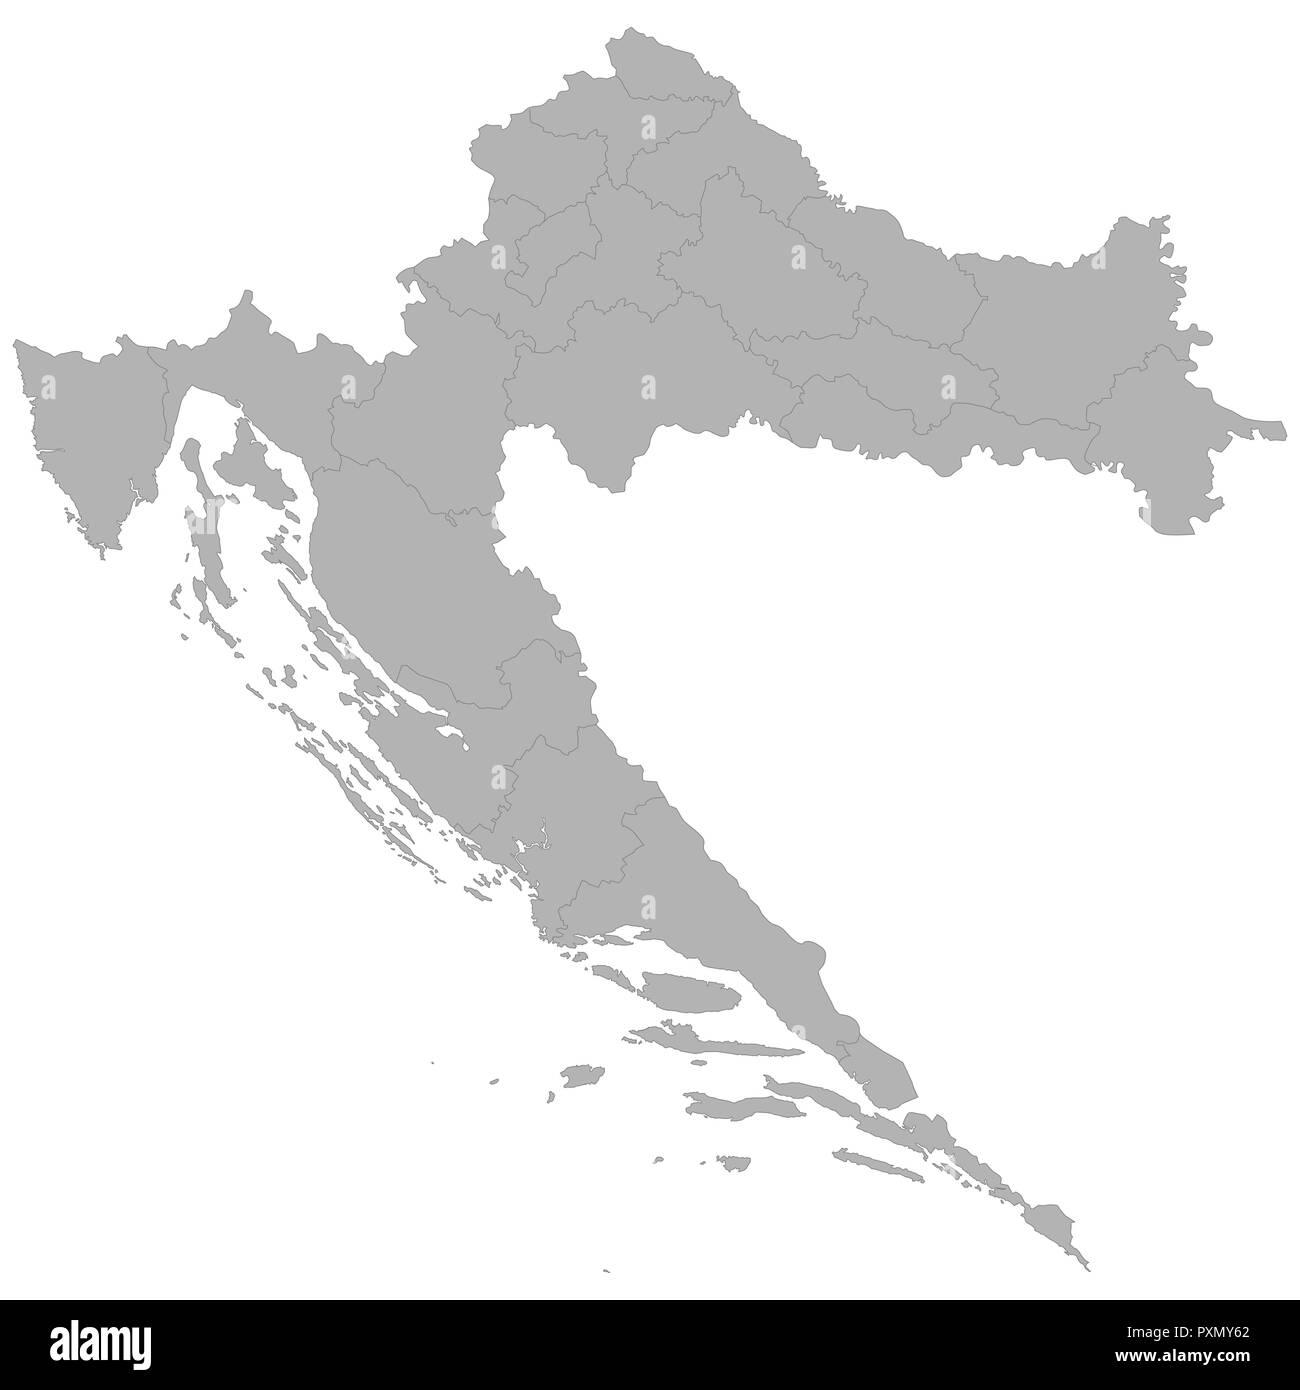 Carte Croatie Avec Regions.Carte De Croatie De Haute Qualite Avec Des Frontieres Des